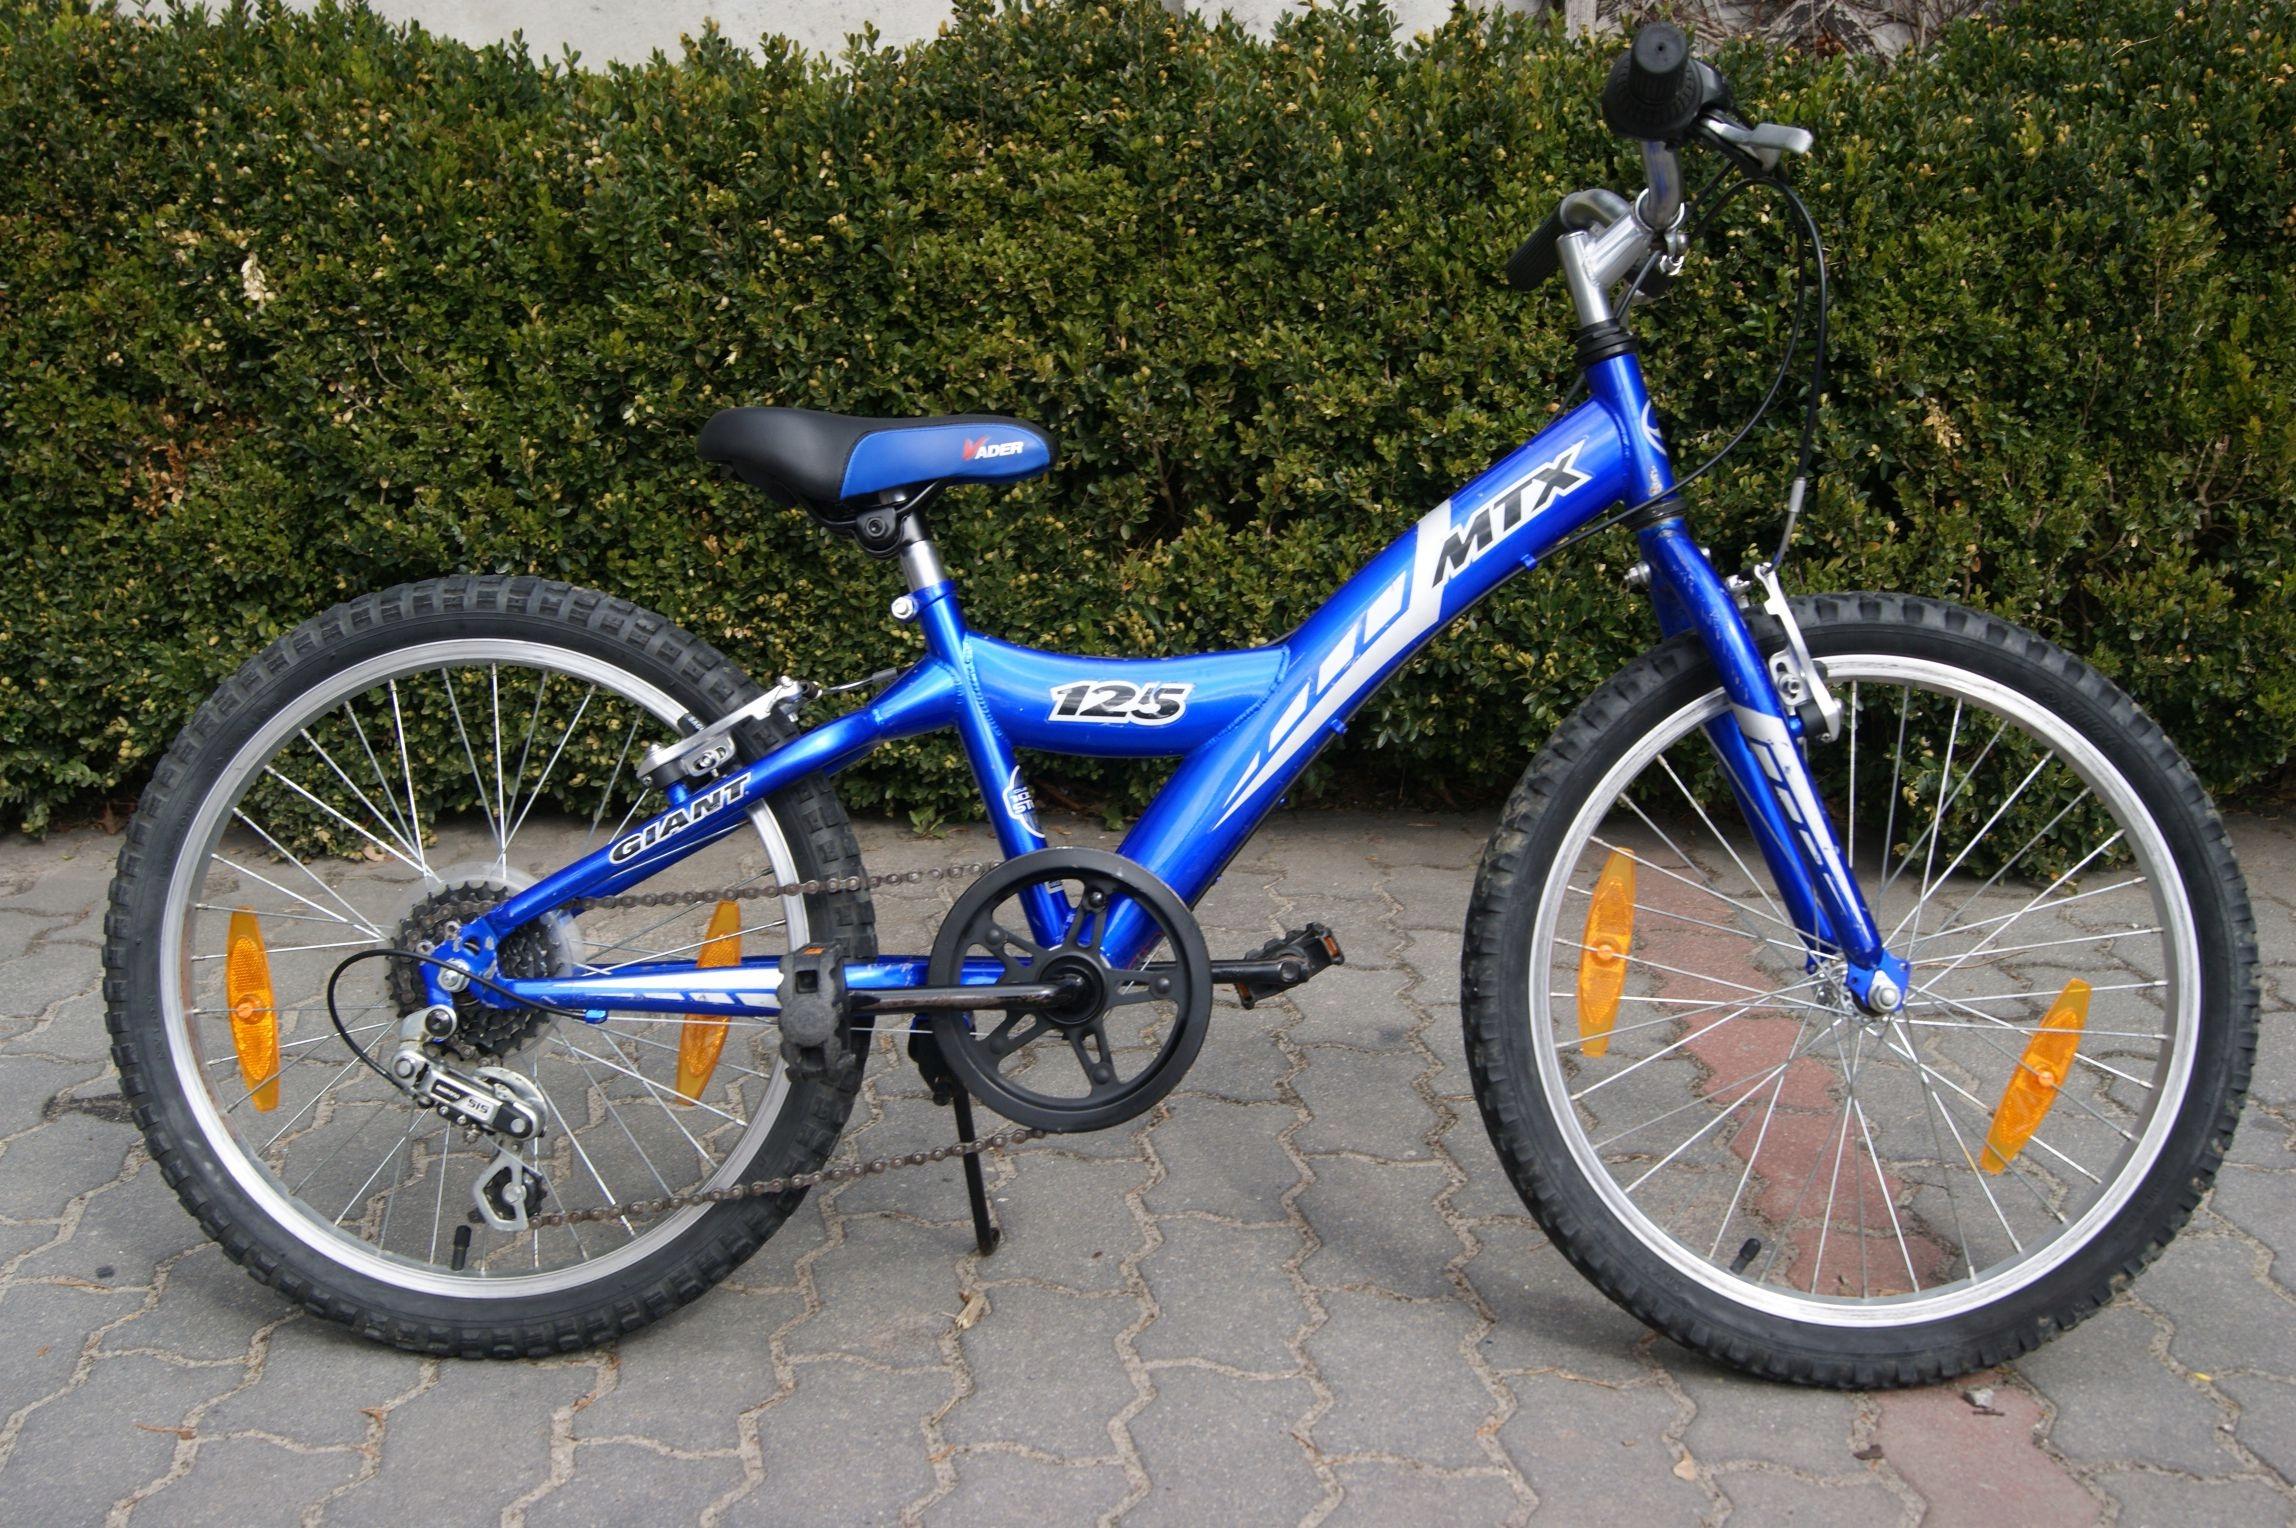 R260 Juniorski dziecięcy rower GIANT koła 20''